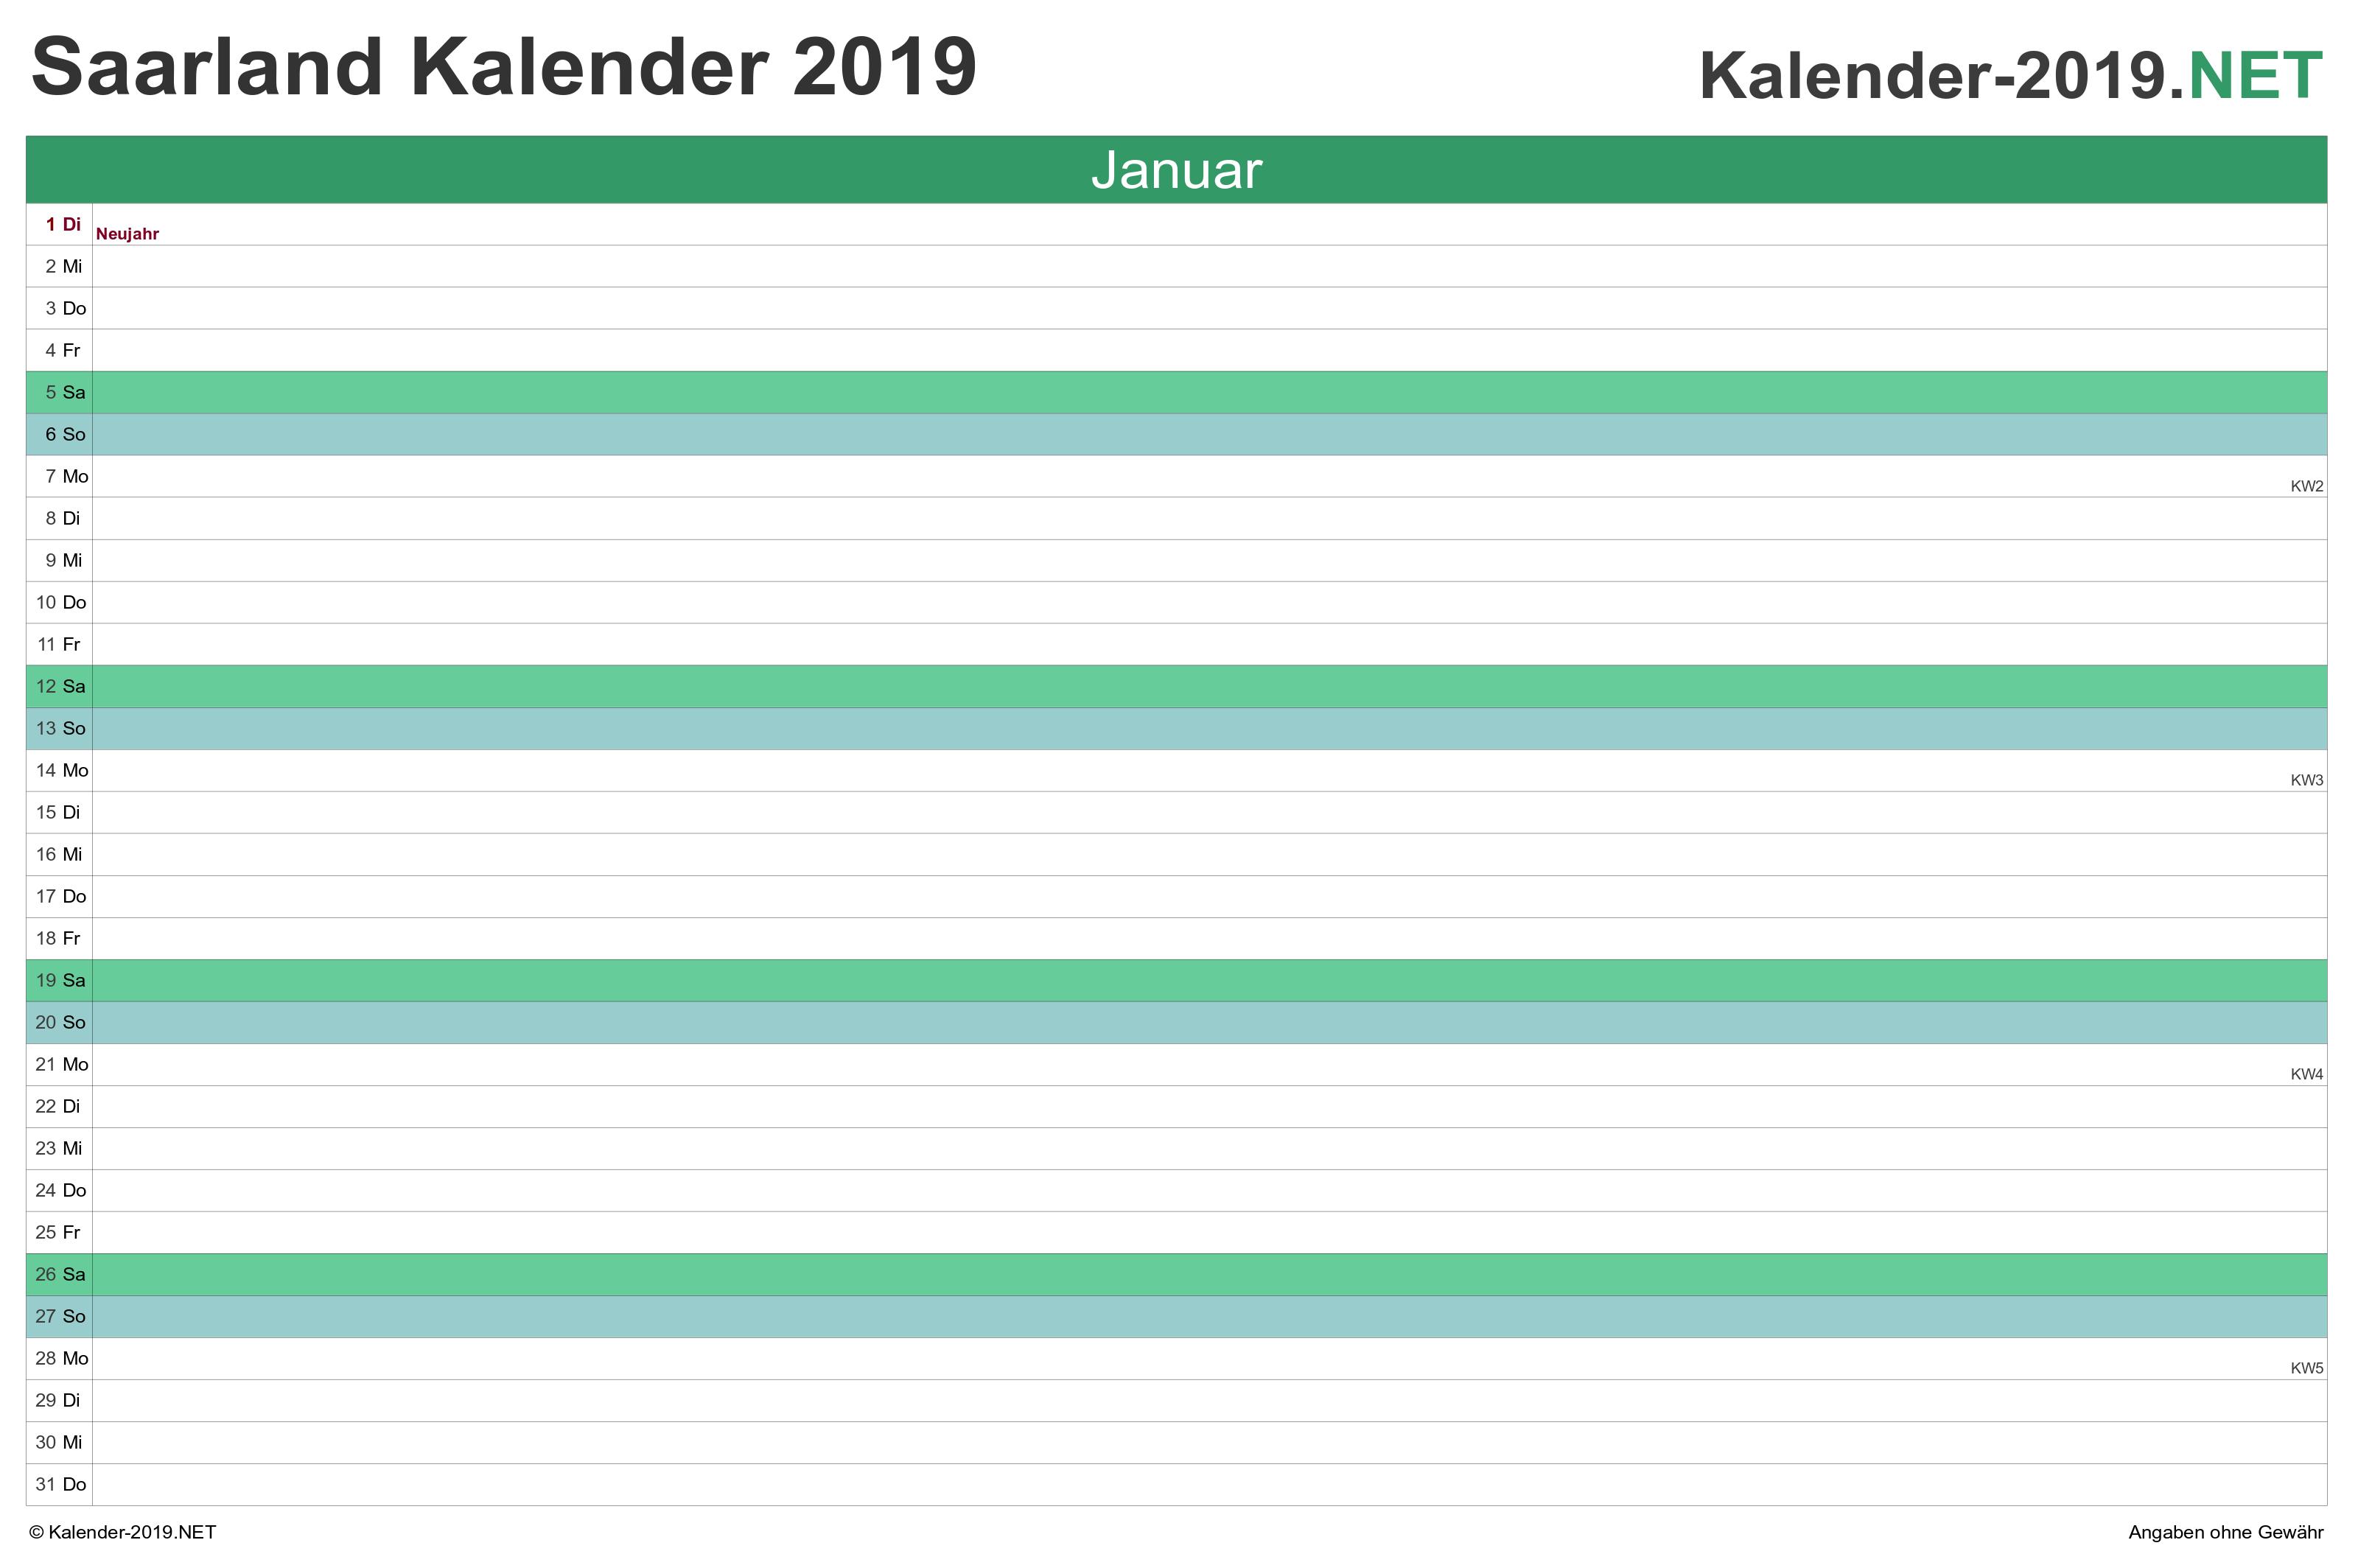 Ausbildungsplätze 2019 Saarland : kalender 2019 saarland ~ Aude.kayakingforconservation.com Haus und Dekorationen